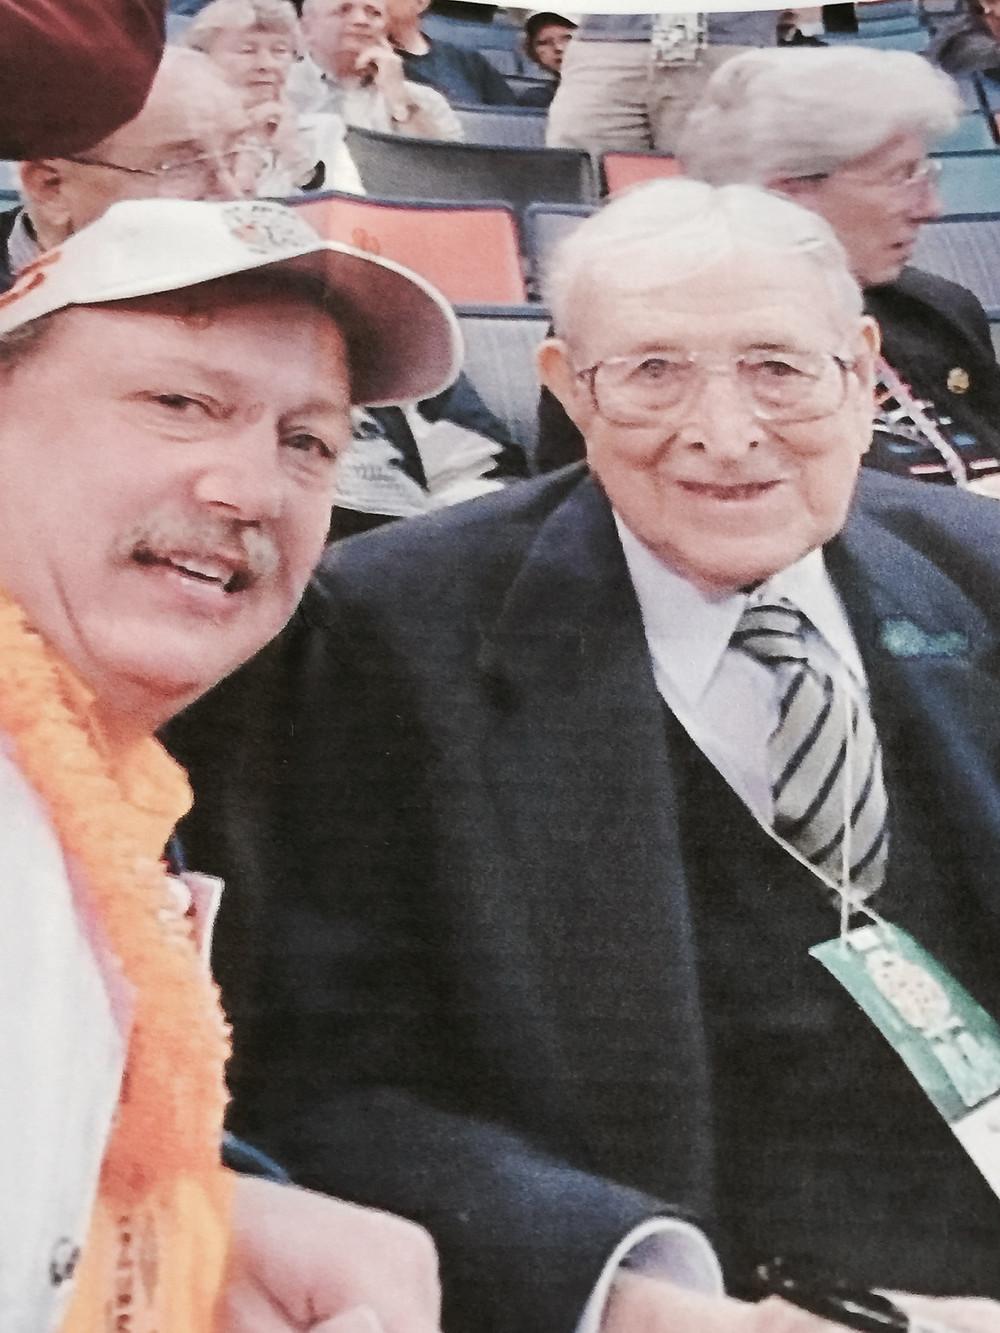 Michael Poirier and Coach John Wooden